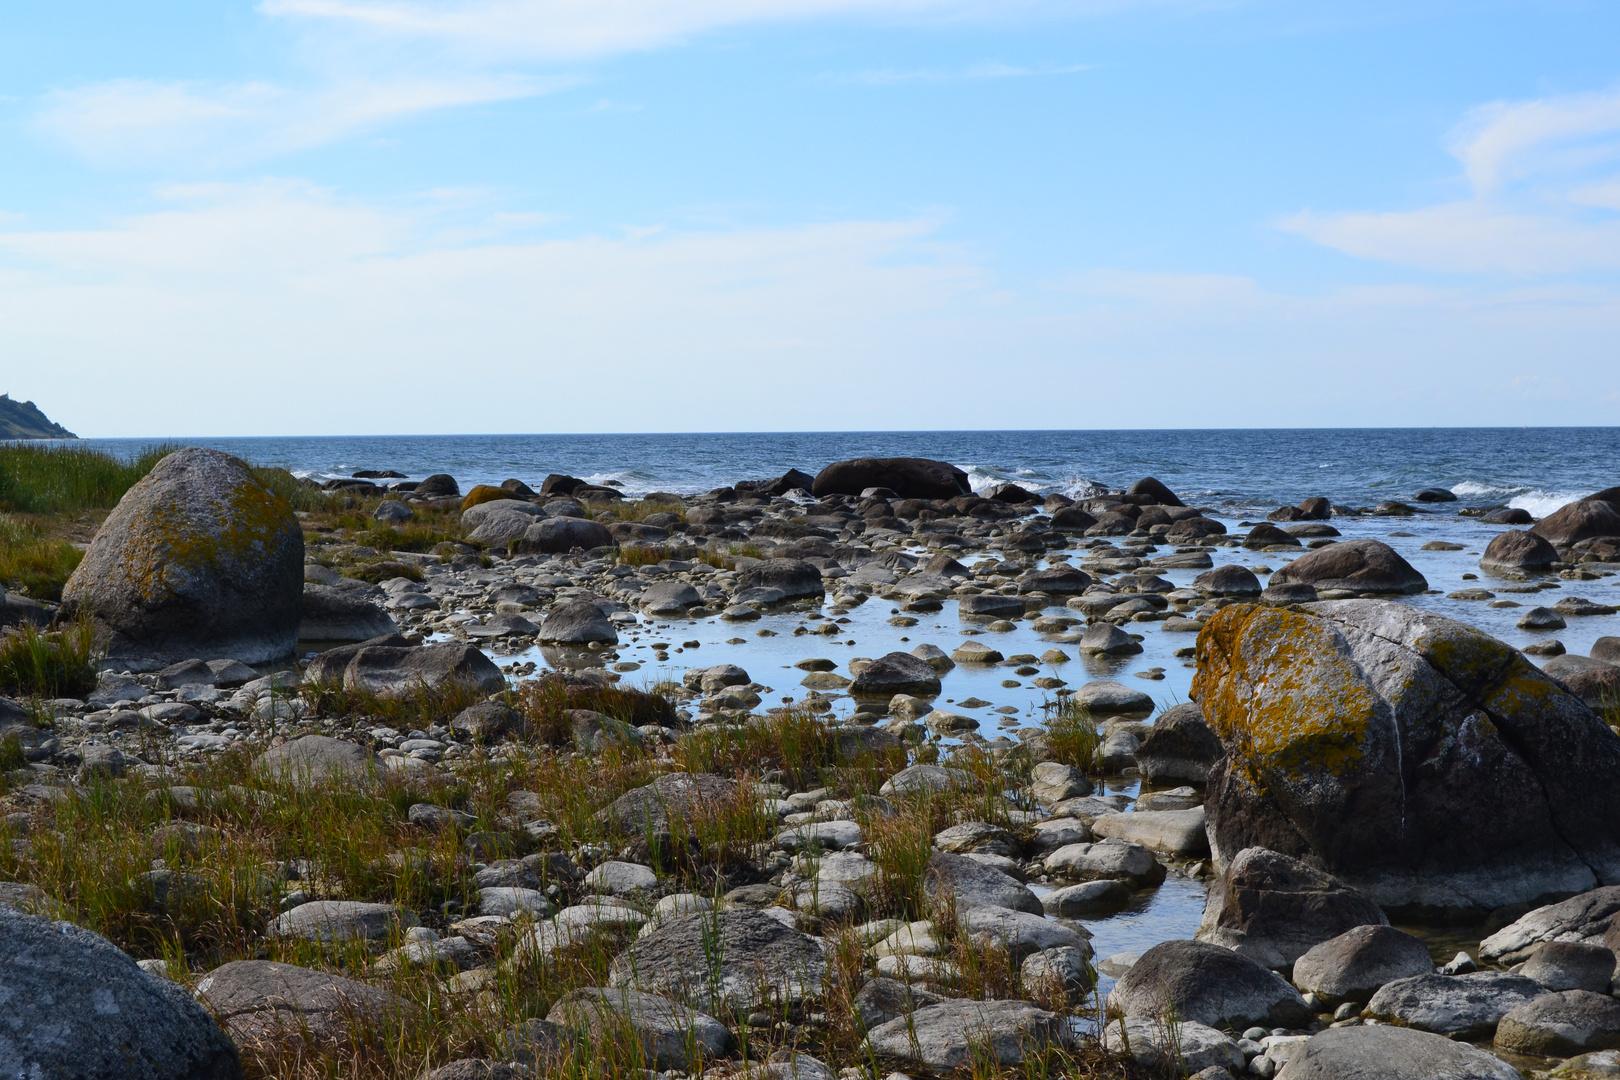 Baltic sea -Kap Arkona -